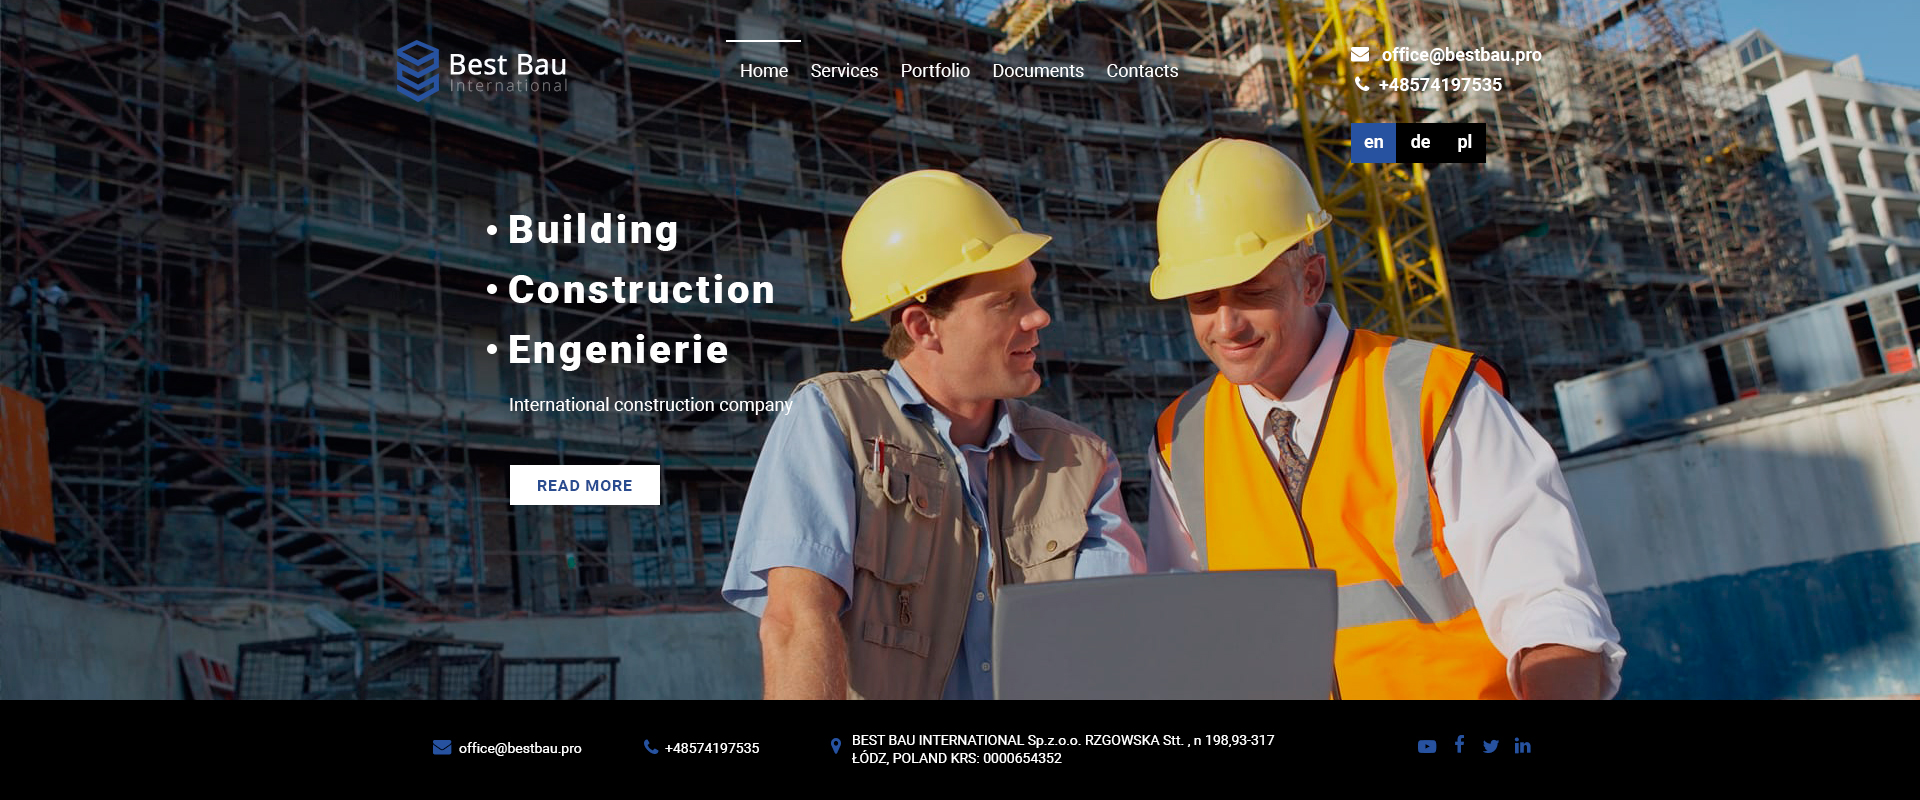 builder2.jpg